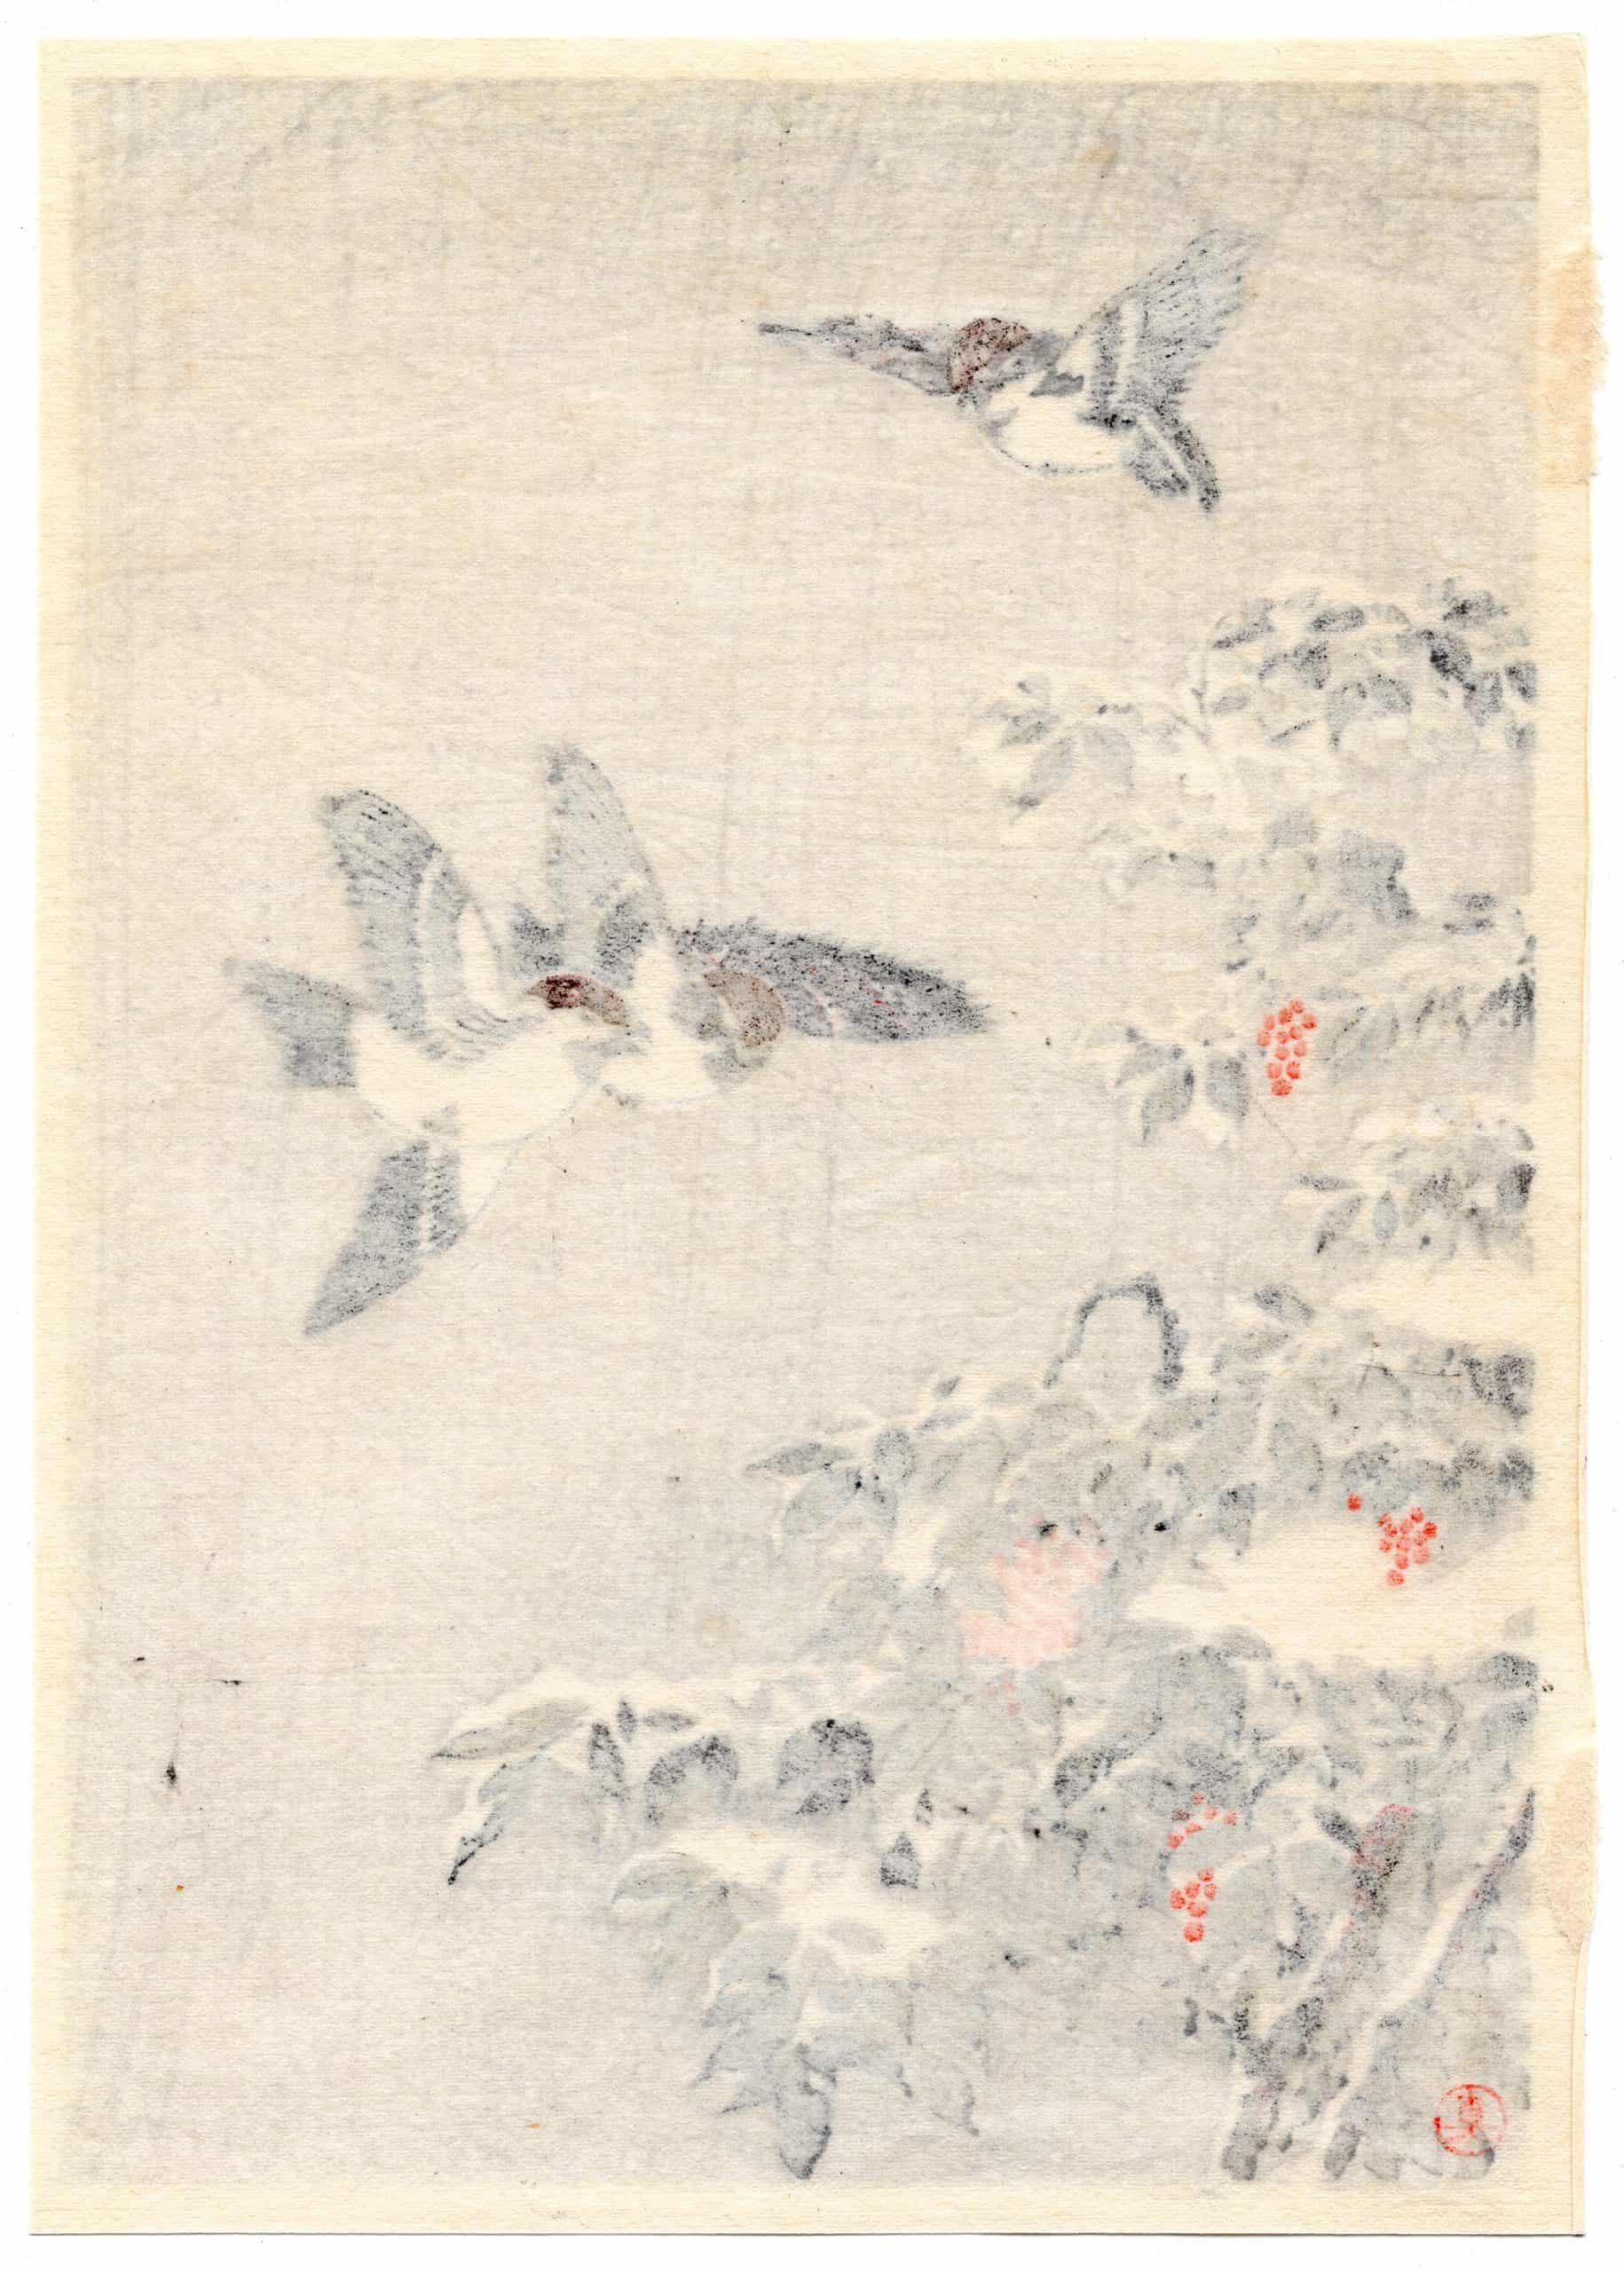 Tsuchiya Koitsu - Sparrows (verso)